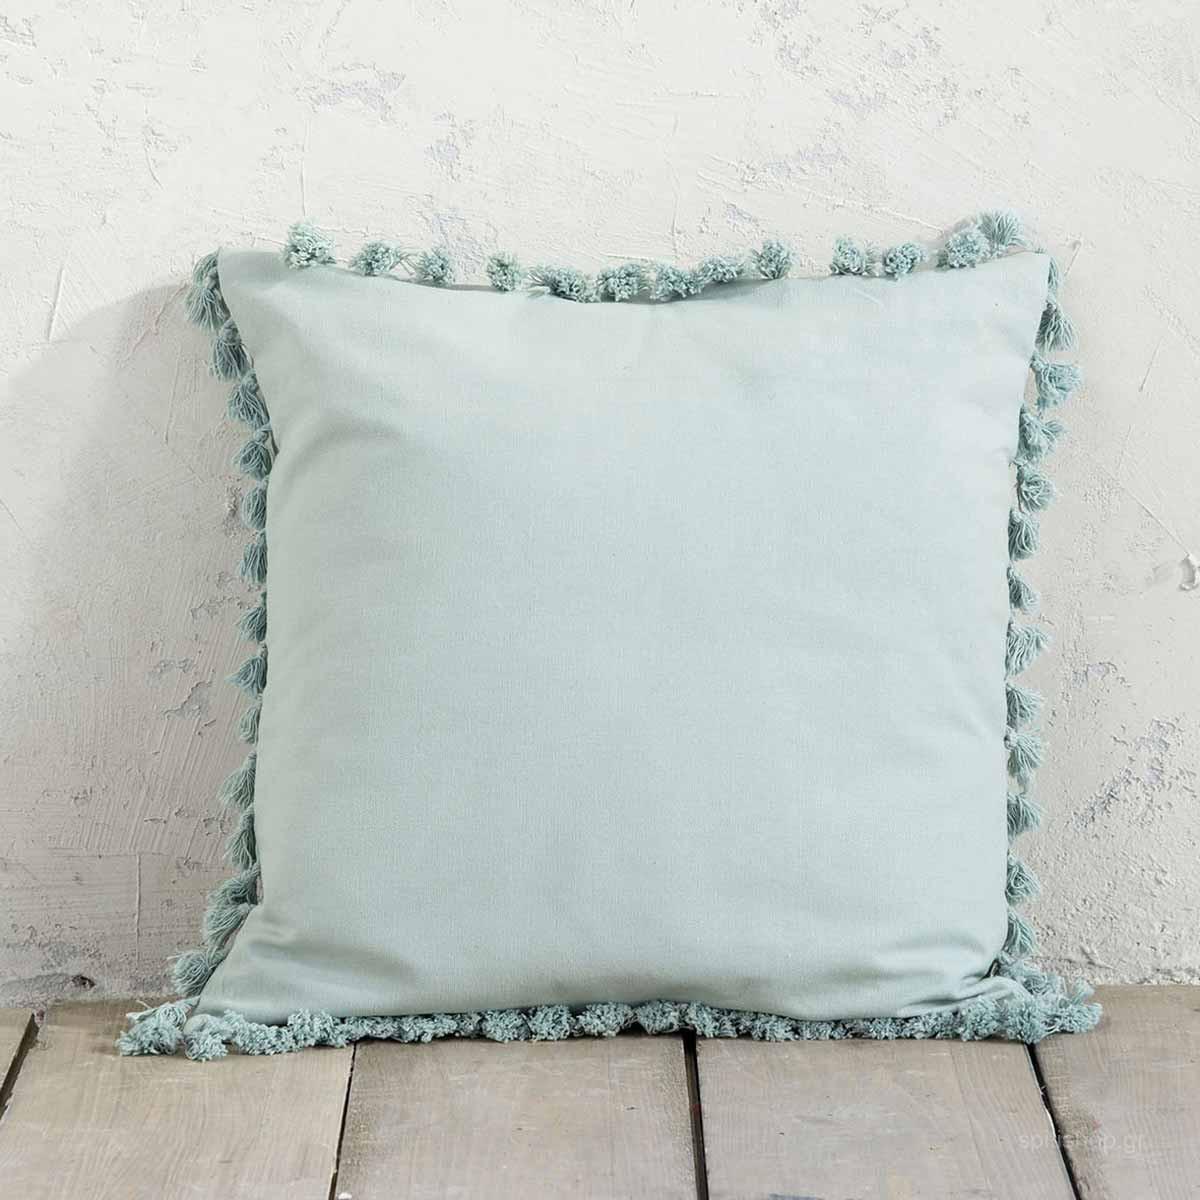 Διακοσμητικό Μαξιλάρι Nima Pillows Hommy Mint